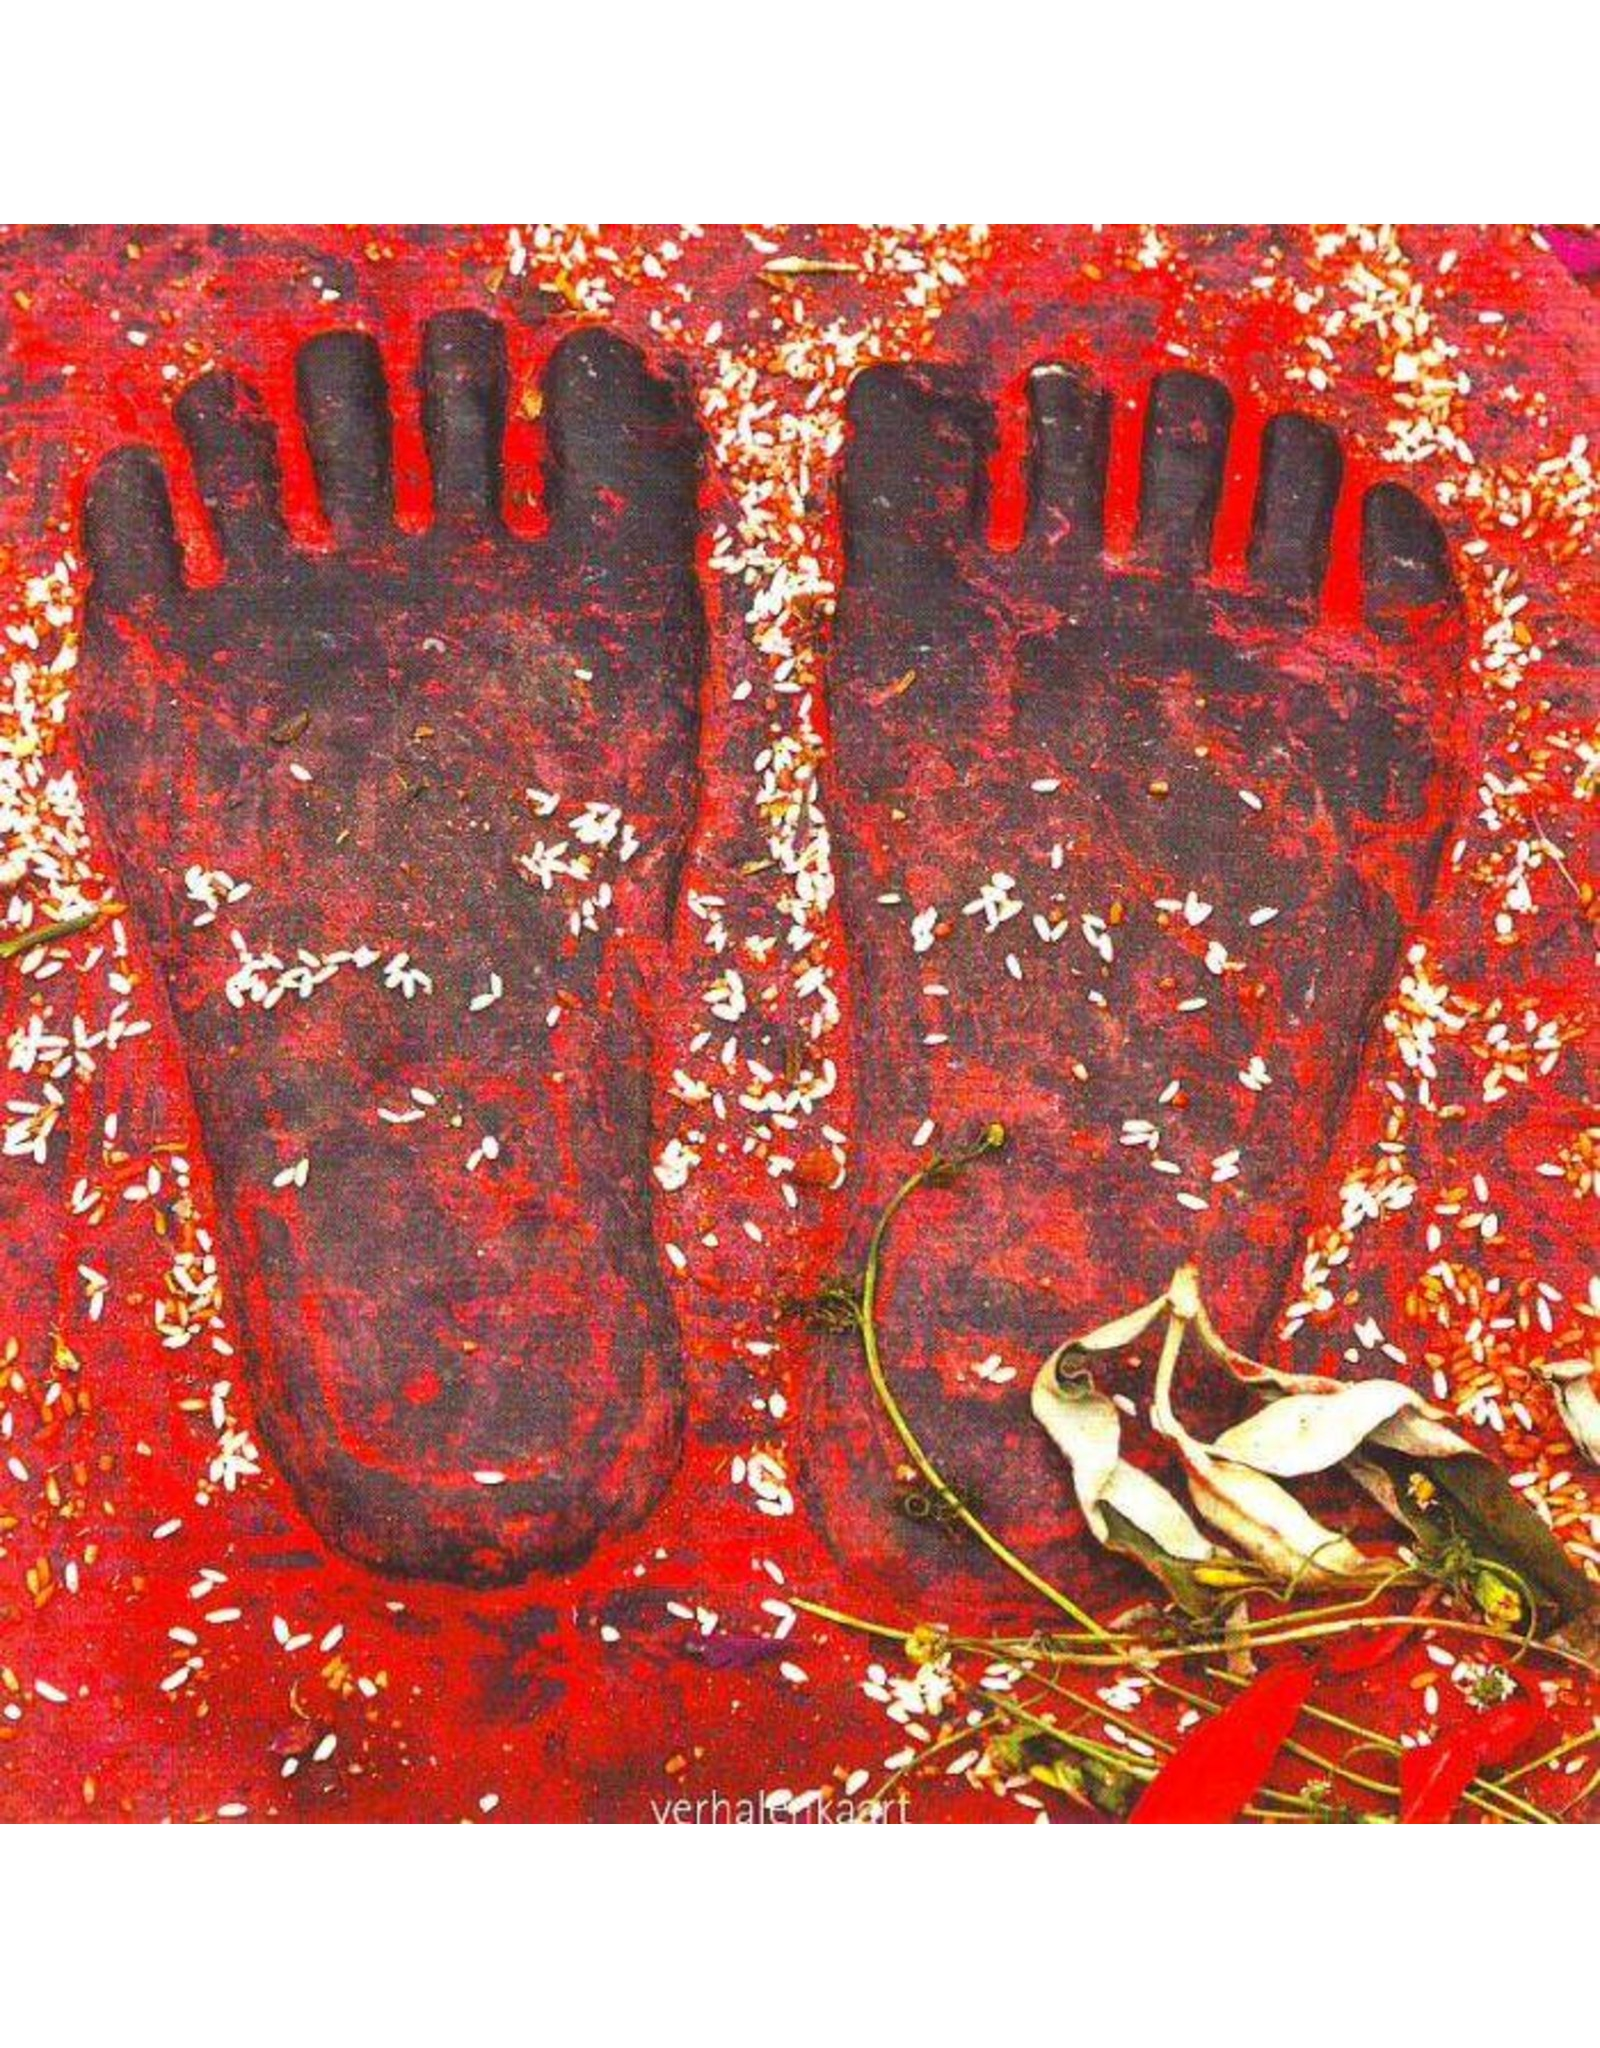 ZintenZ postcard De schoenen van Ghandi